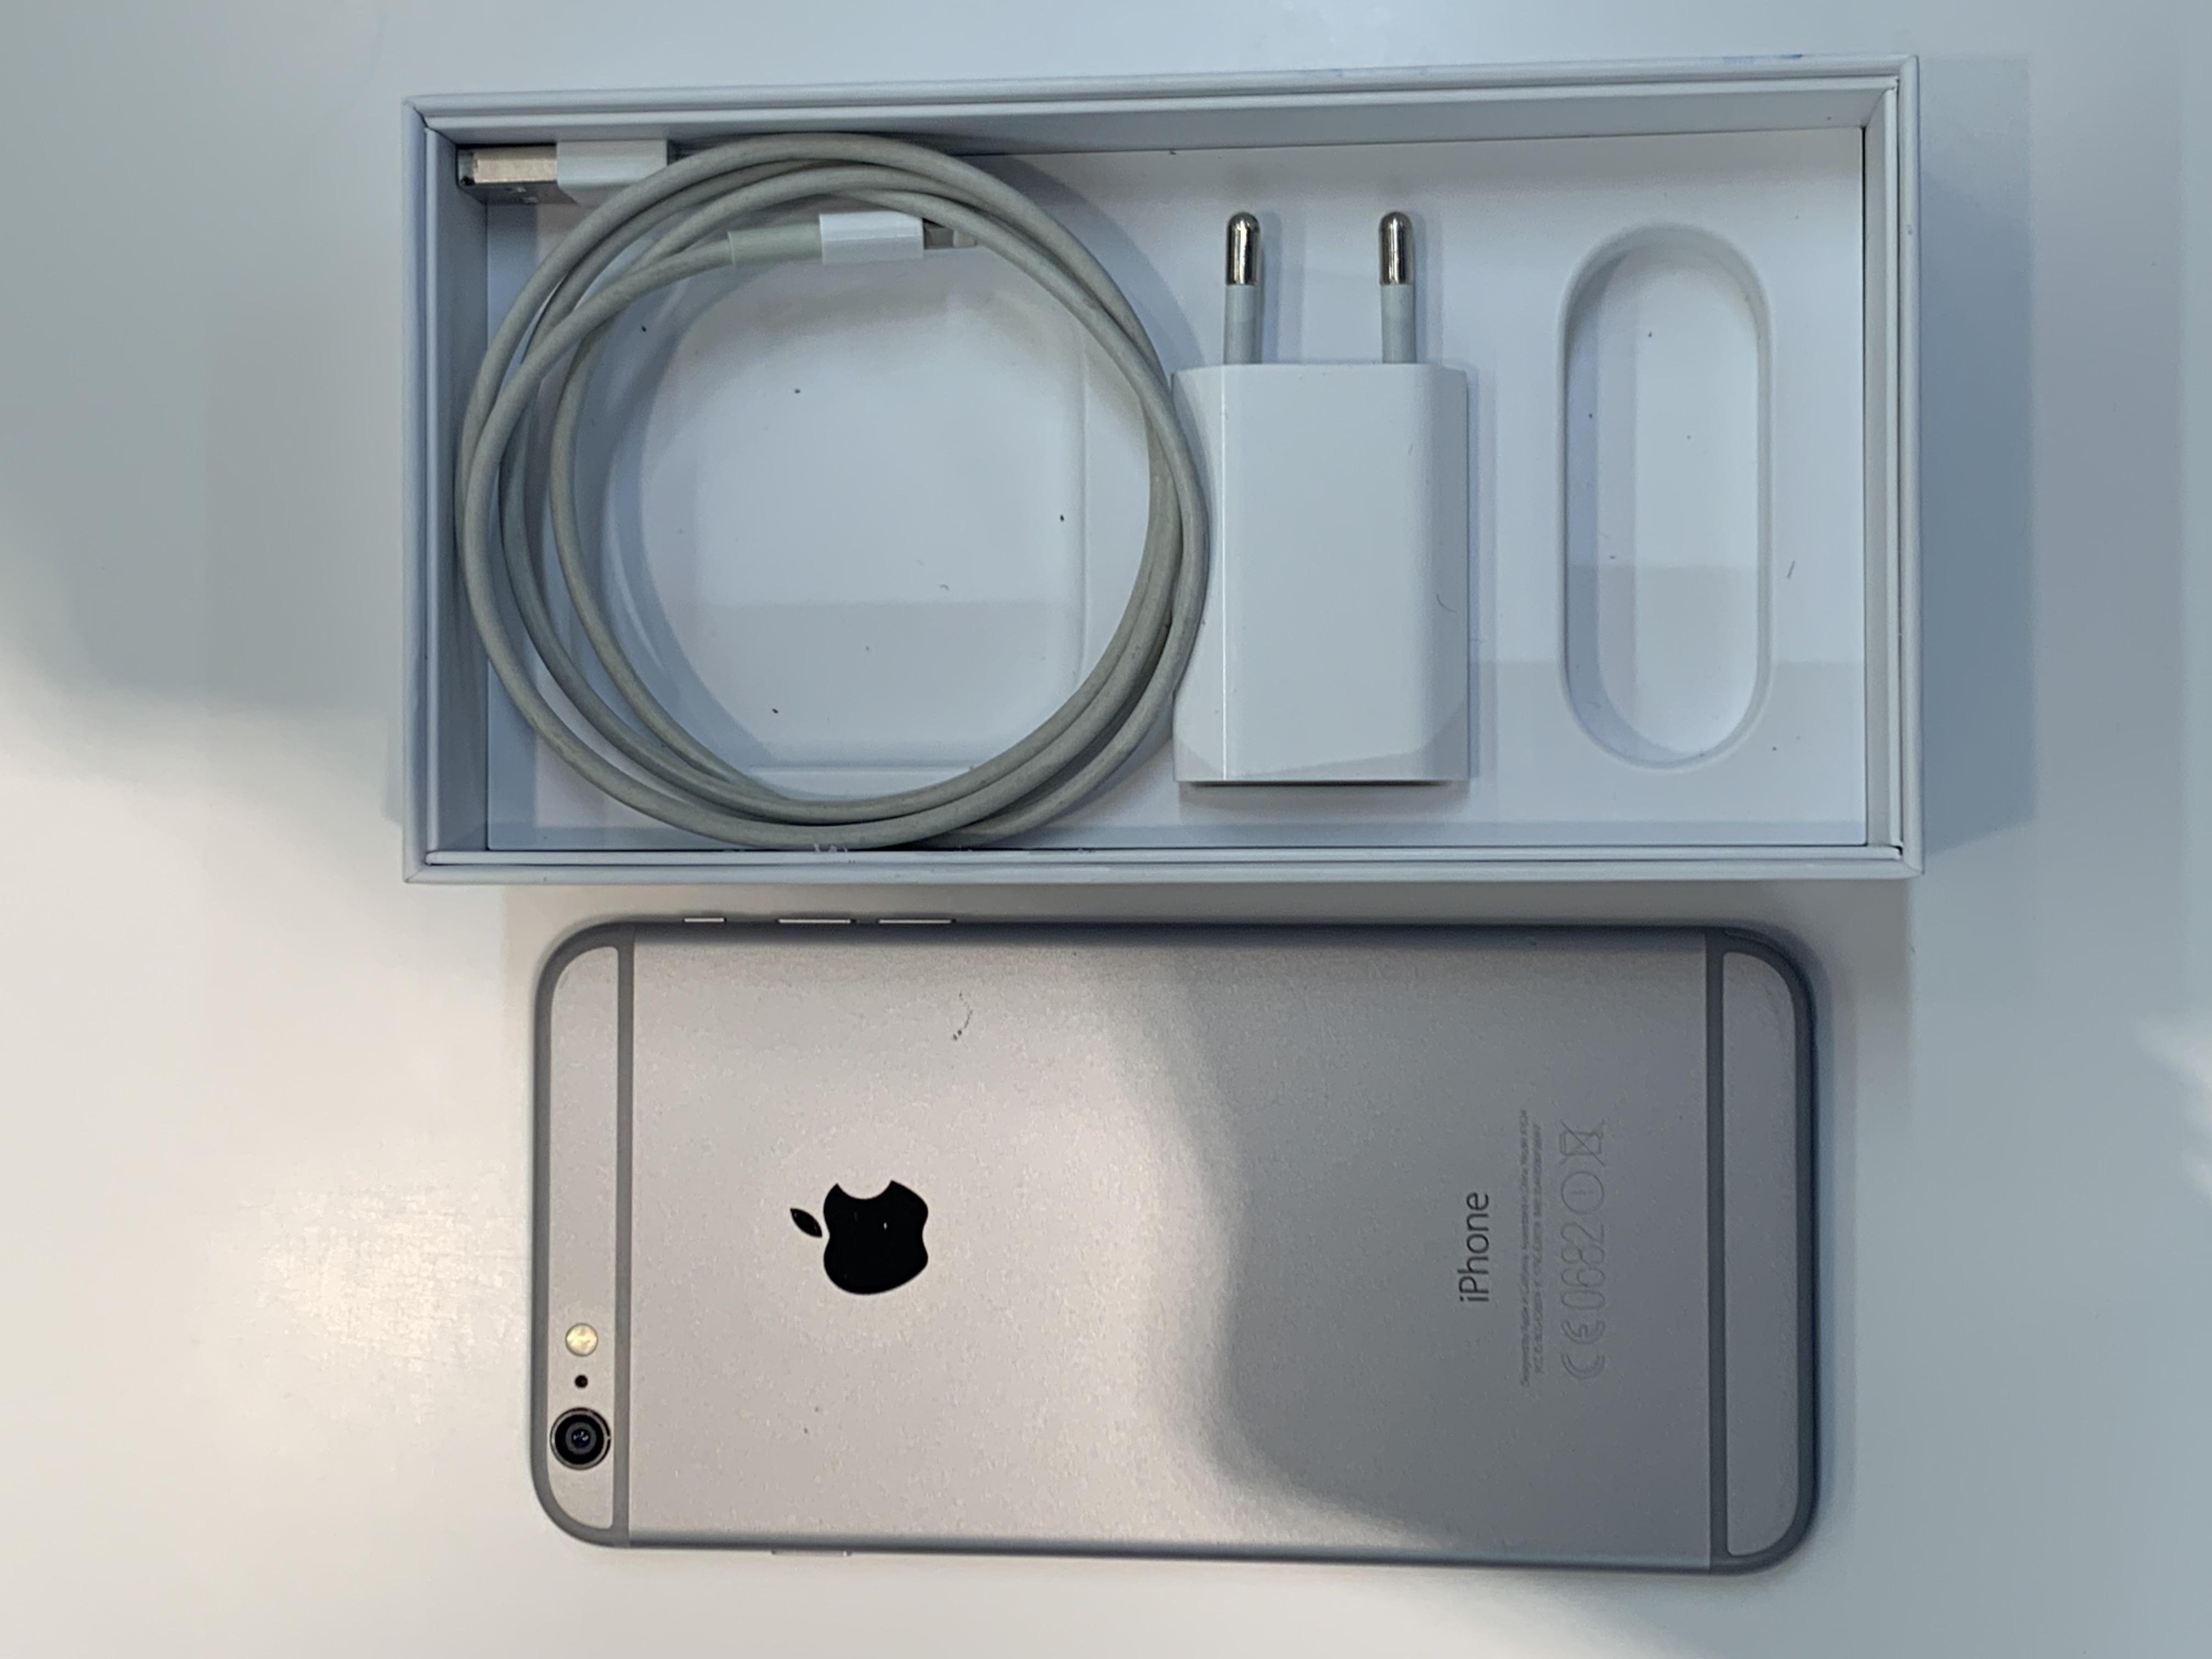 iPhone 6 Plus 16GB, 16 GB, Space Gray, imagen 9